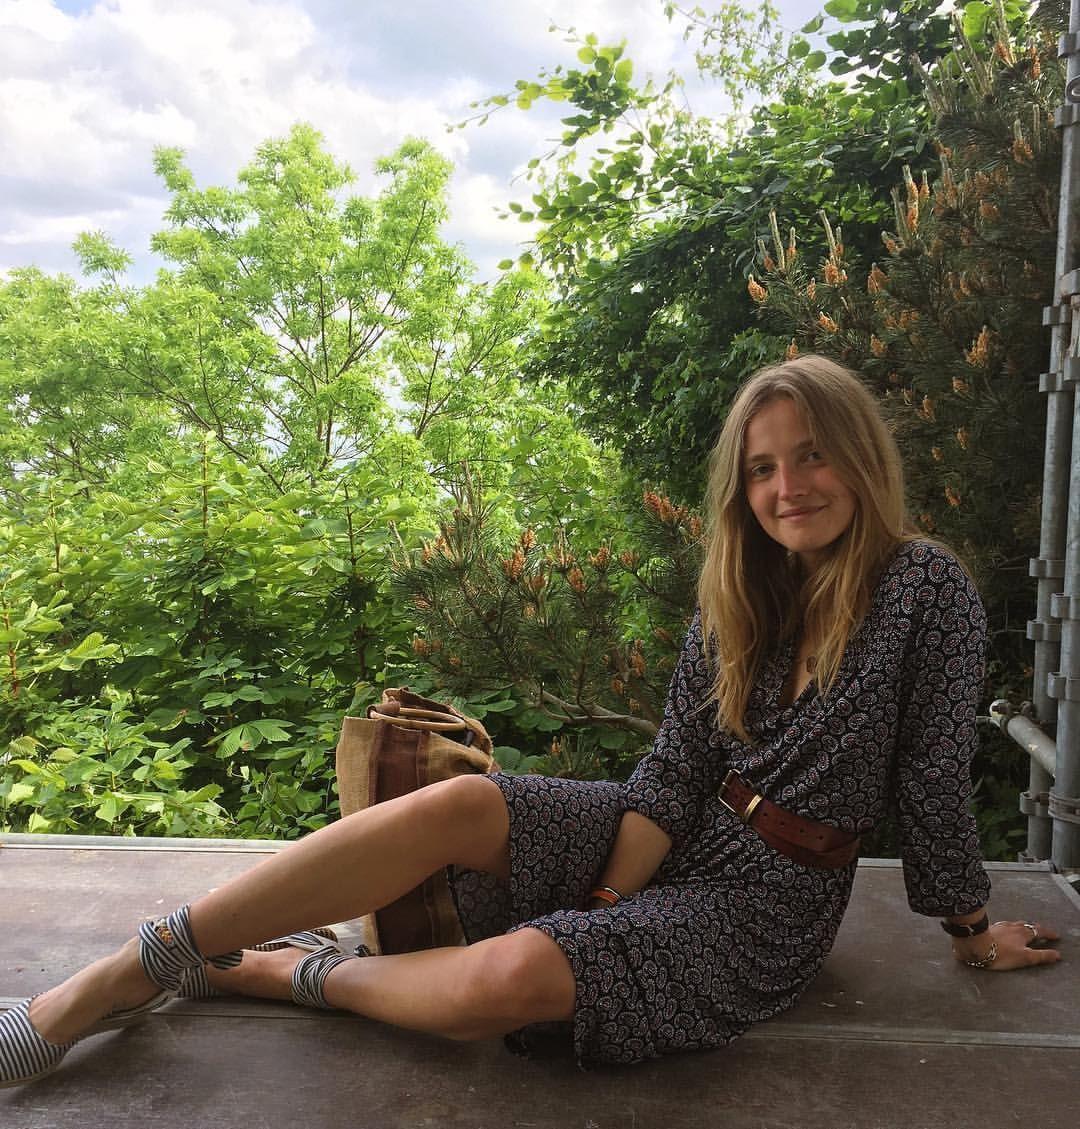 Selfie Amanda Norgaard nude (69 photo), Selfie